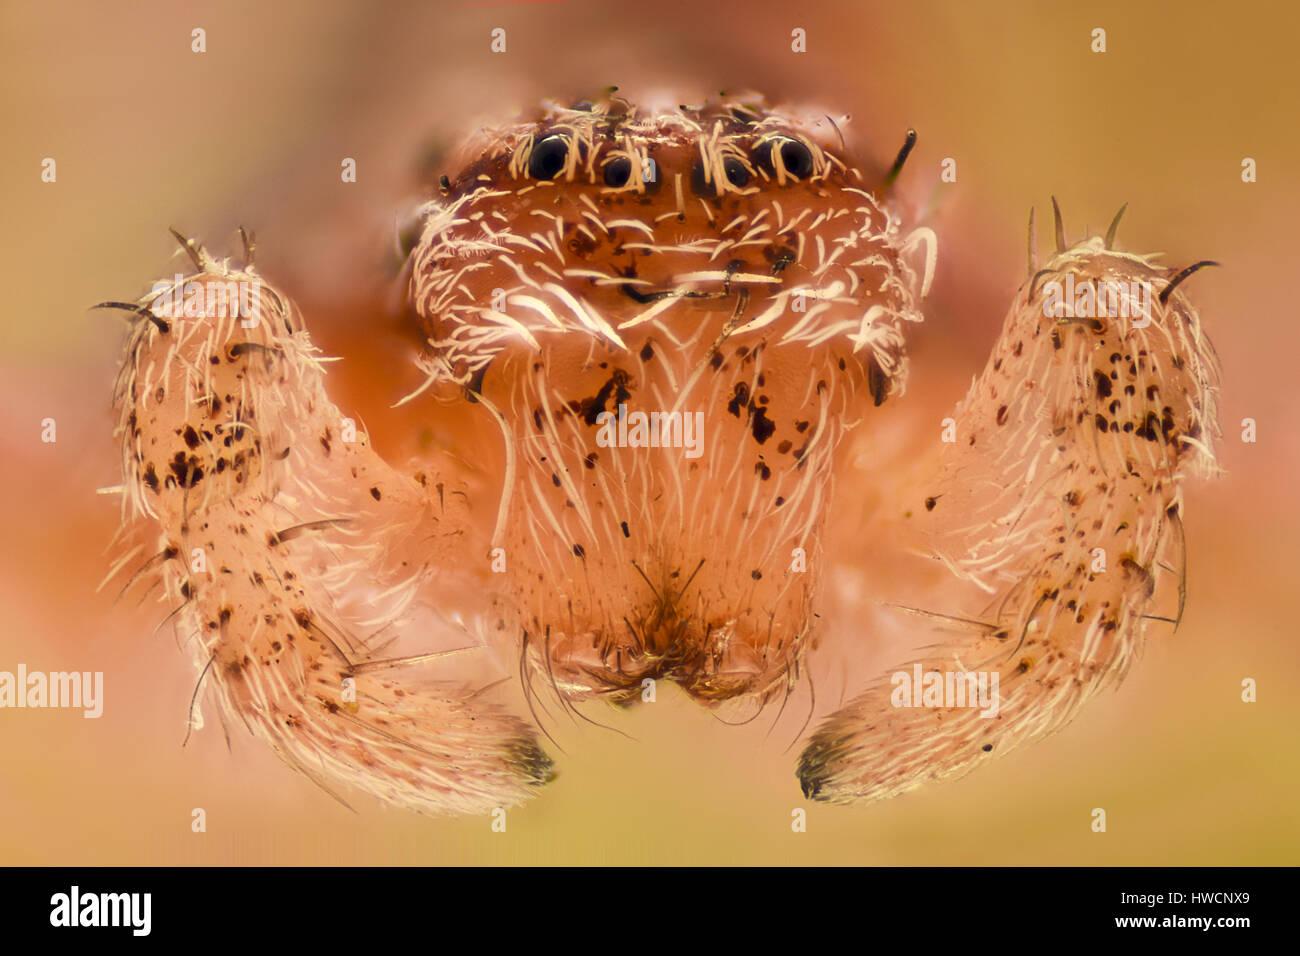 Extreme Vergrößerung - weisse Spinne, Vorderansicht Stockbild